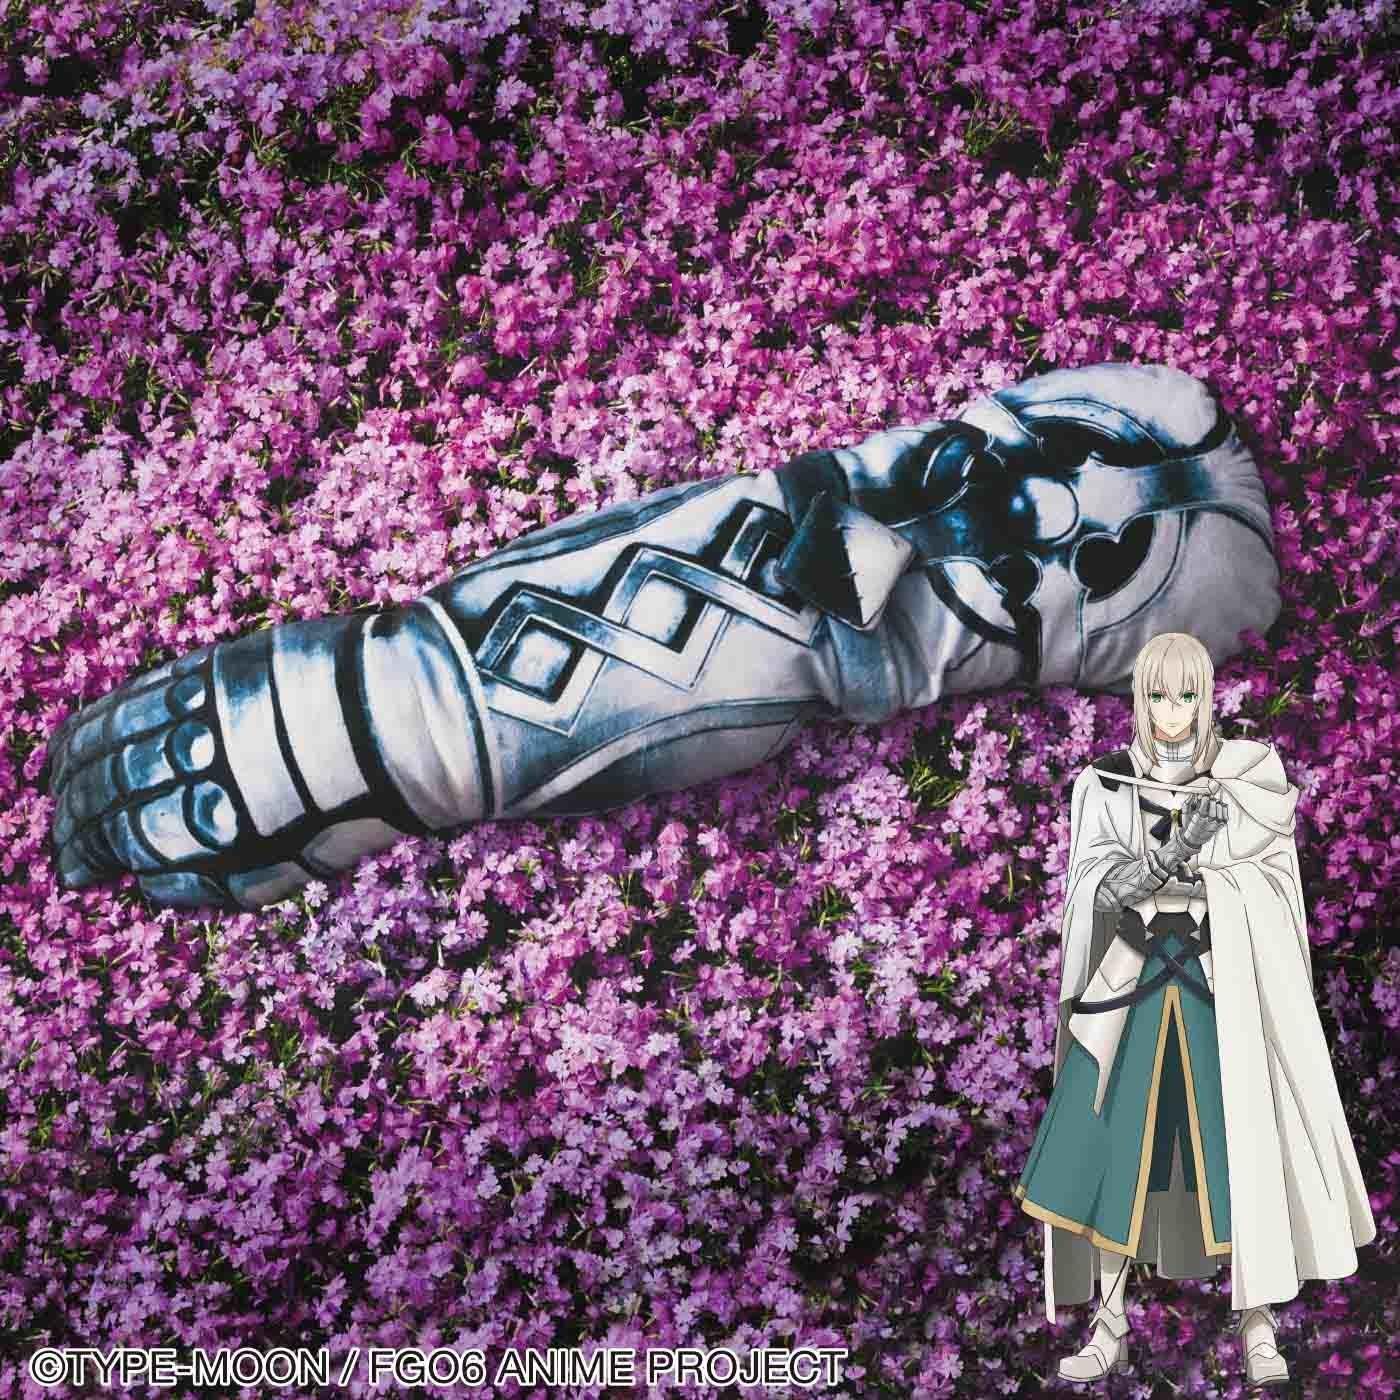 劇場版Fate/Grand Order-神聖円卓領域キャメロット- ベディヴィエールのアガートラムクッション